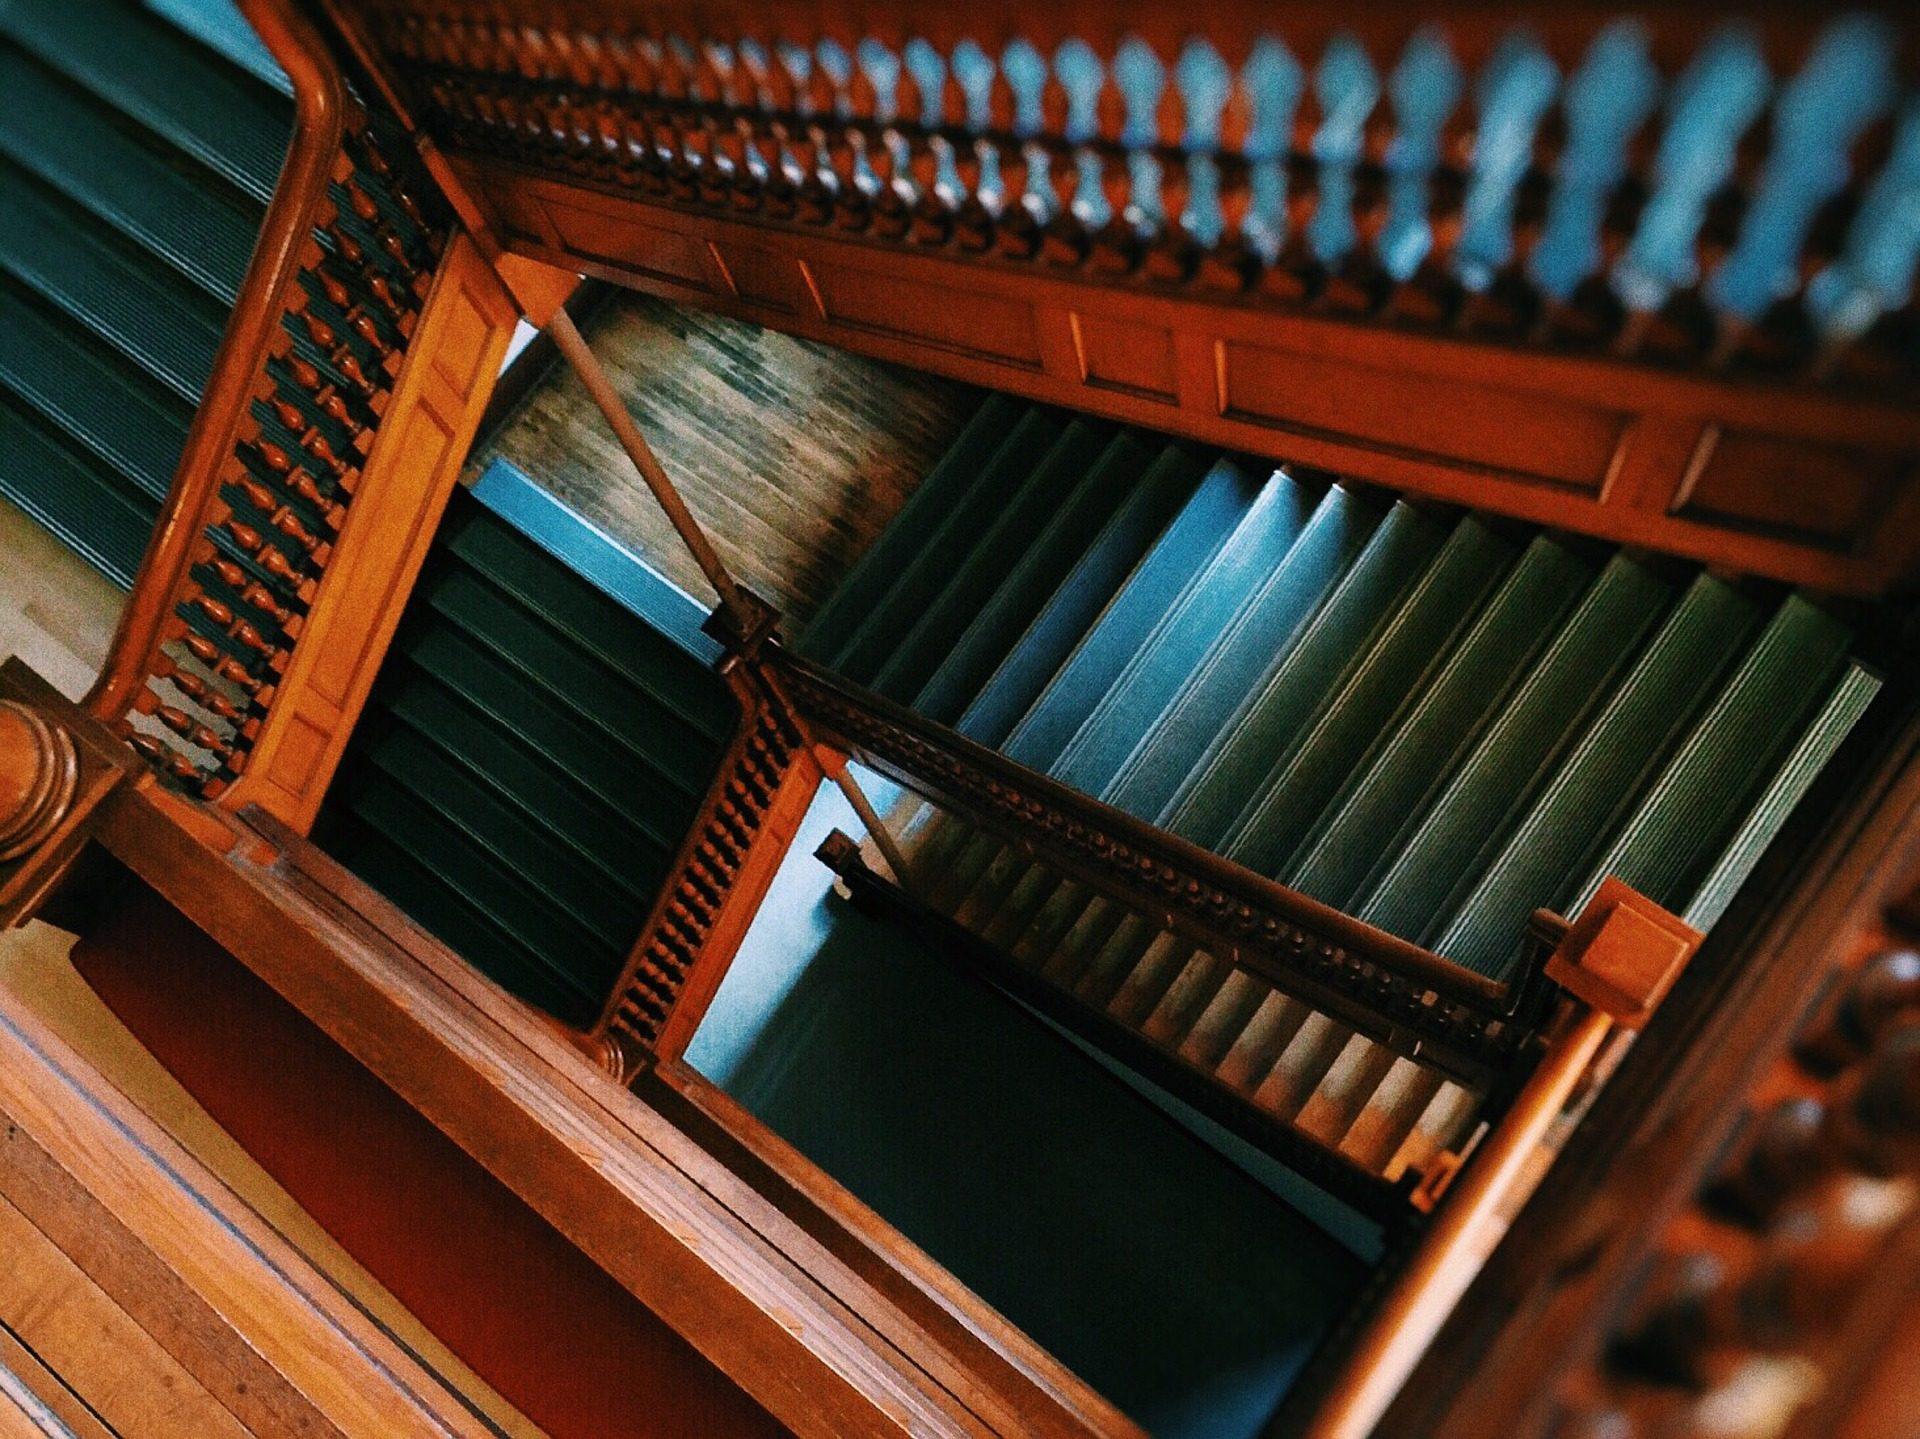 лестницы, пустотелые, Лестничные ступени, Железнодорожные, Вуд, Высота - Обои HD - Профессор falken.com